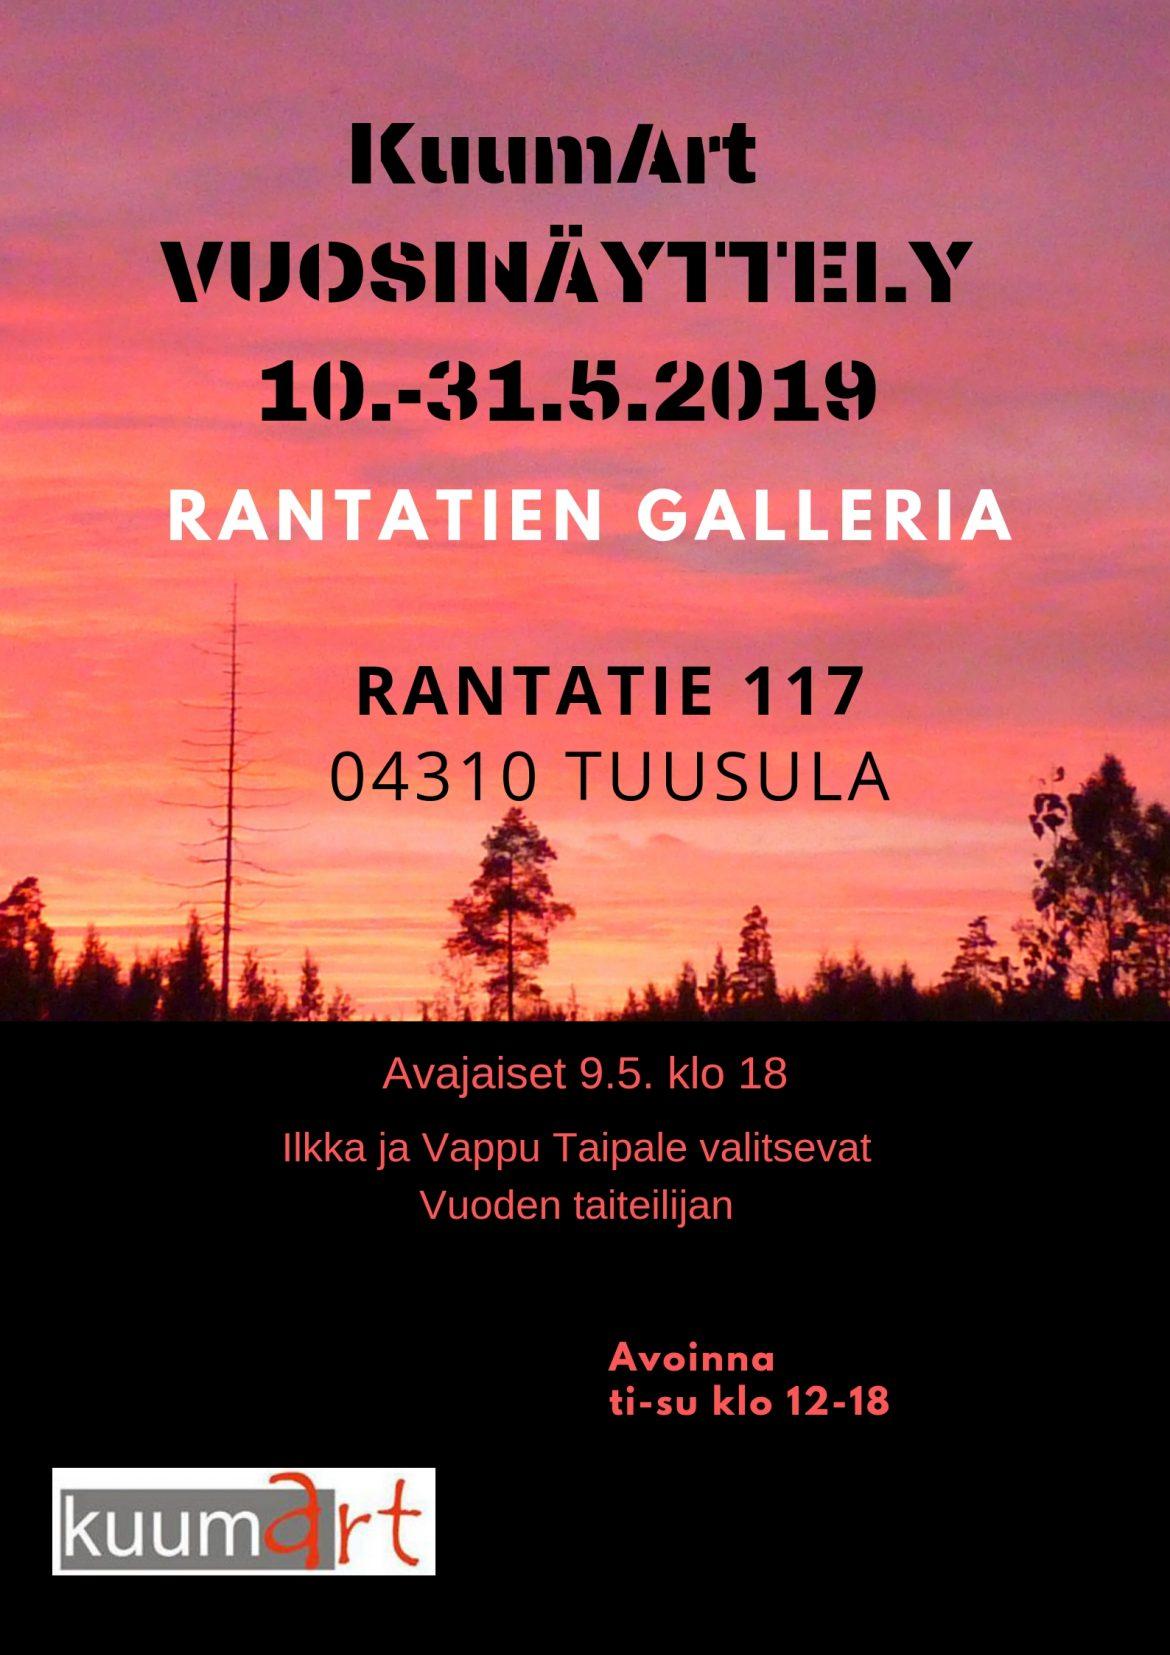 Vuosinäyttely 19